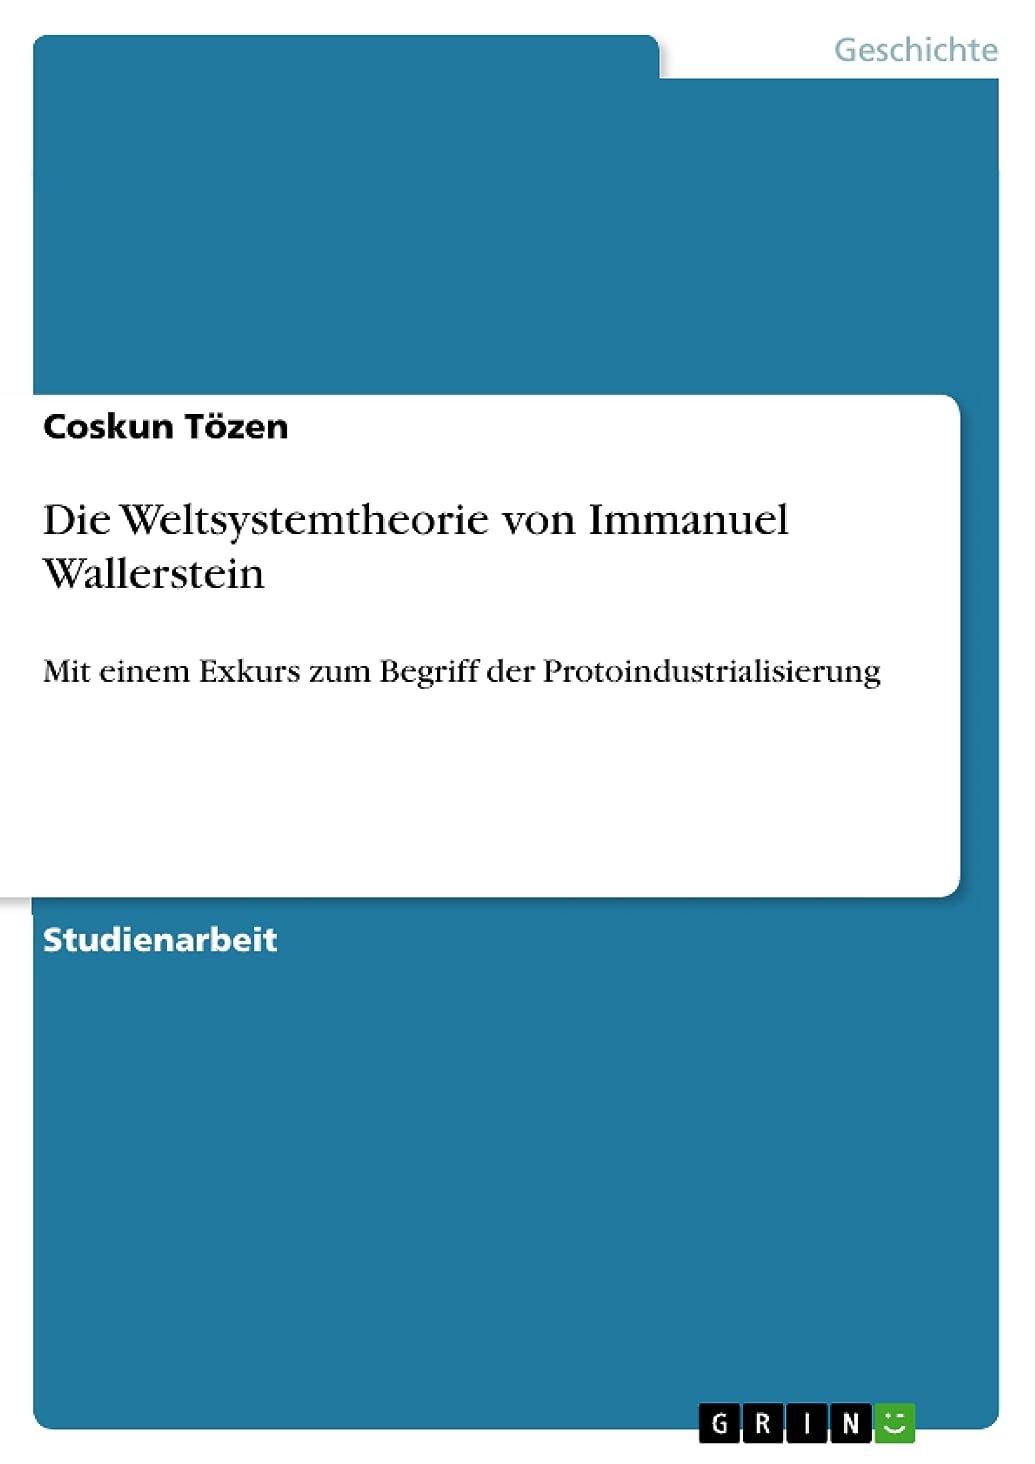 消毒する気楽な教授Die Weltsystemtheorie von Immanuel Wallerstein: Mit einem Exkurs zum Begriff der Protoindustrialisierung (German Edition)